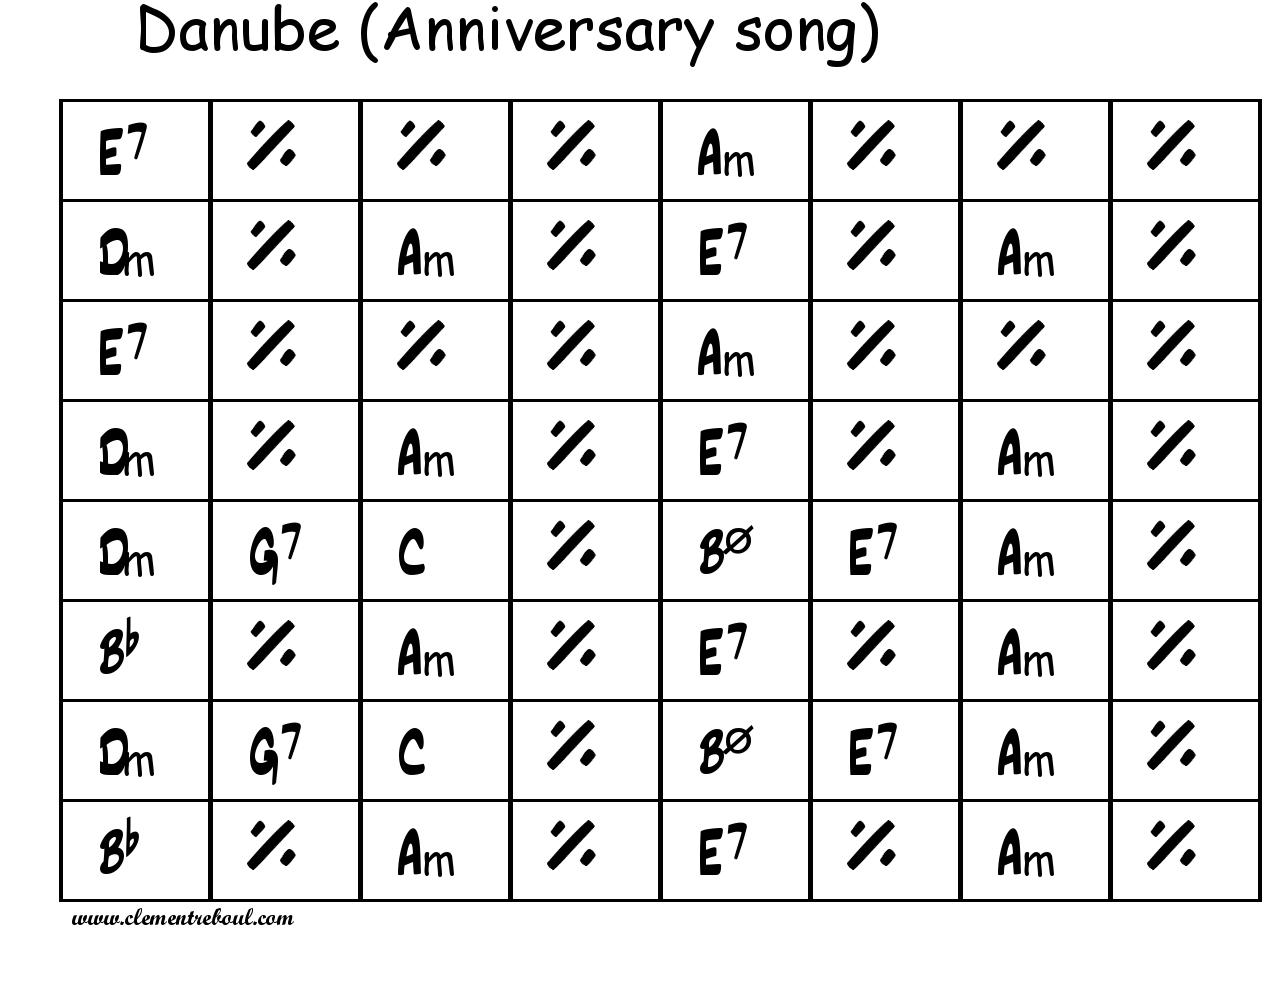 Grille Danube jazz manouche